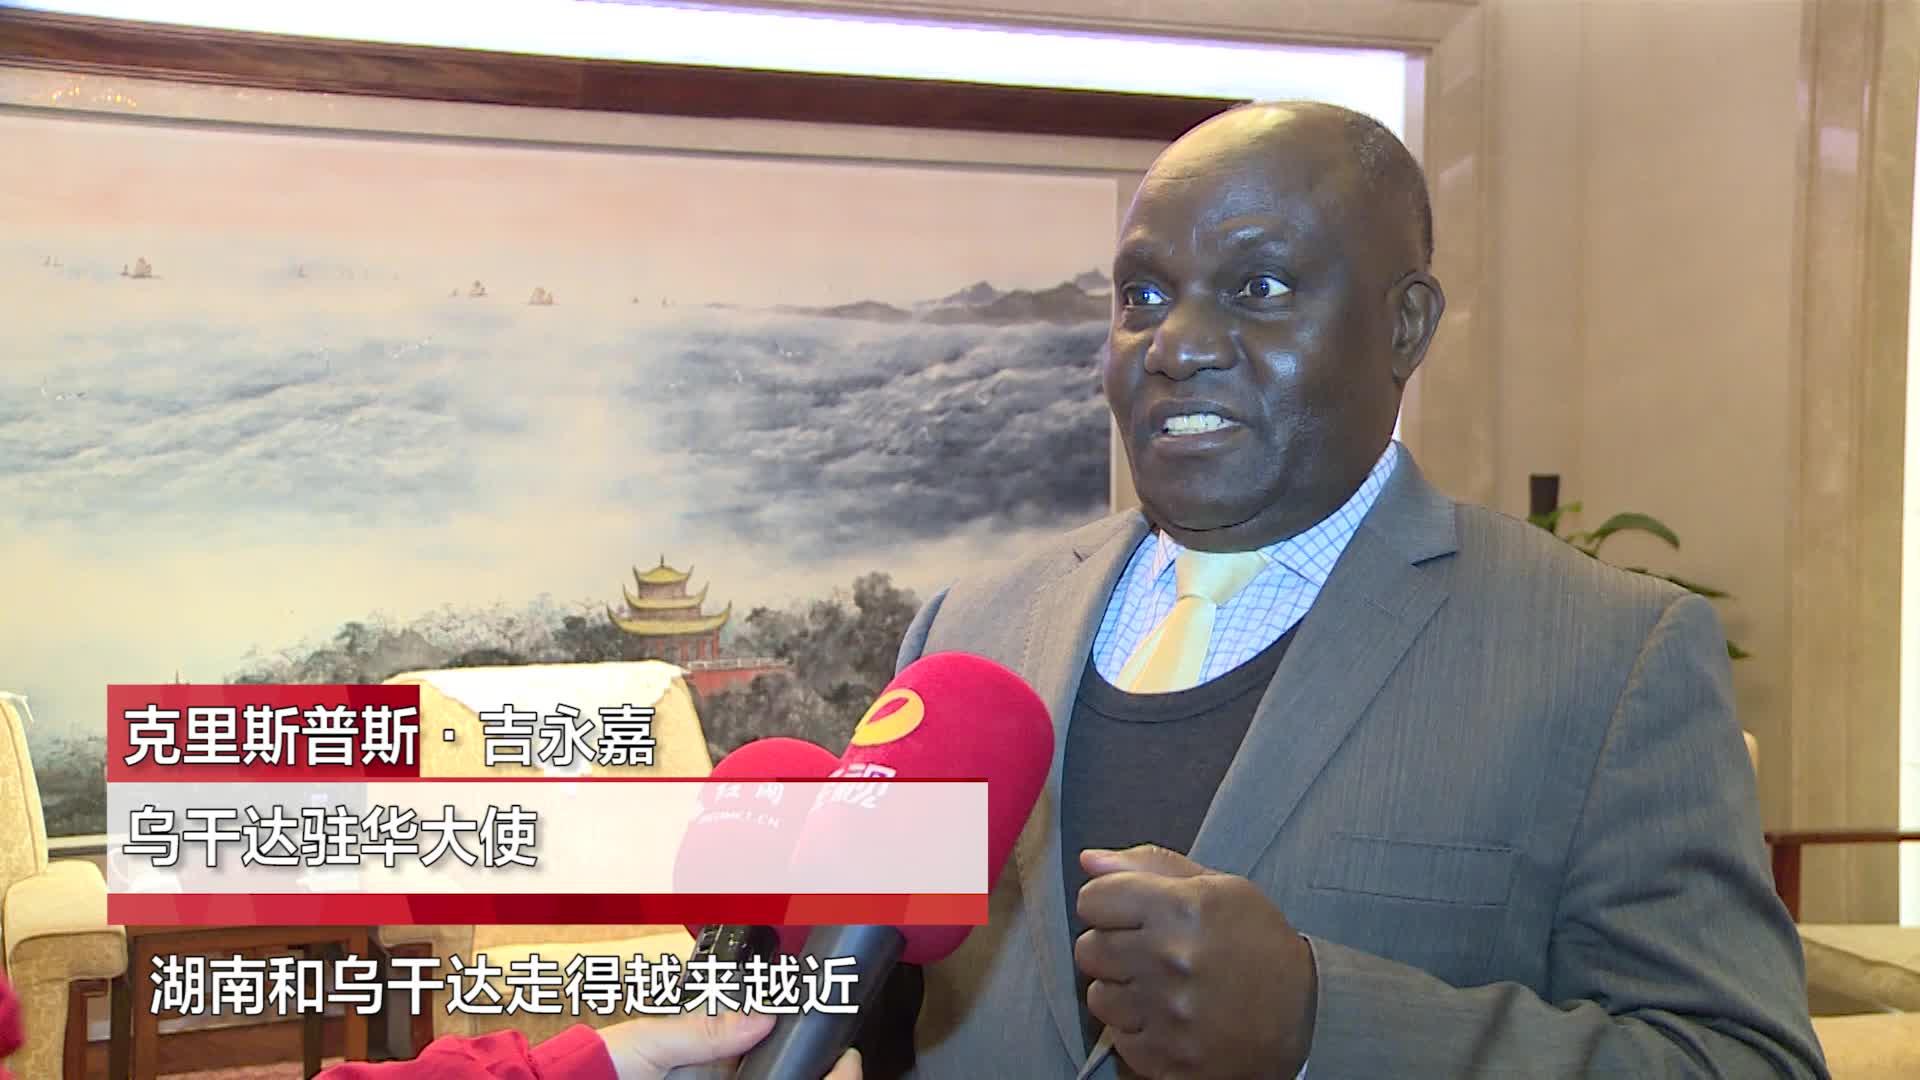 乌干达驻华大使在第一届中非经贸博览会推介会现场接受红网专访